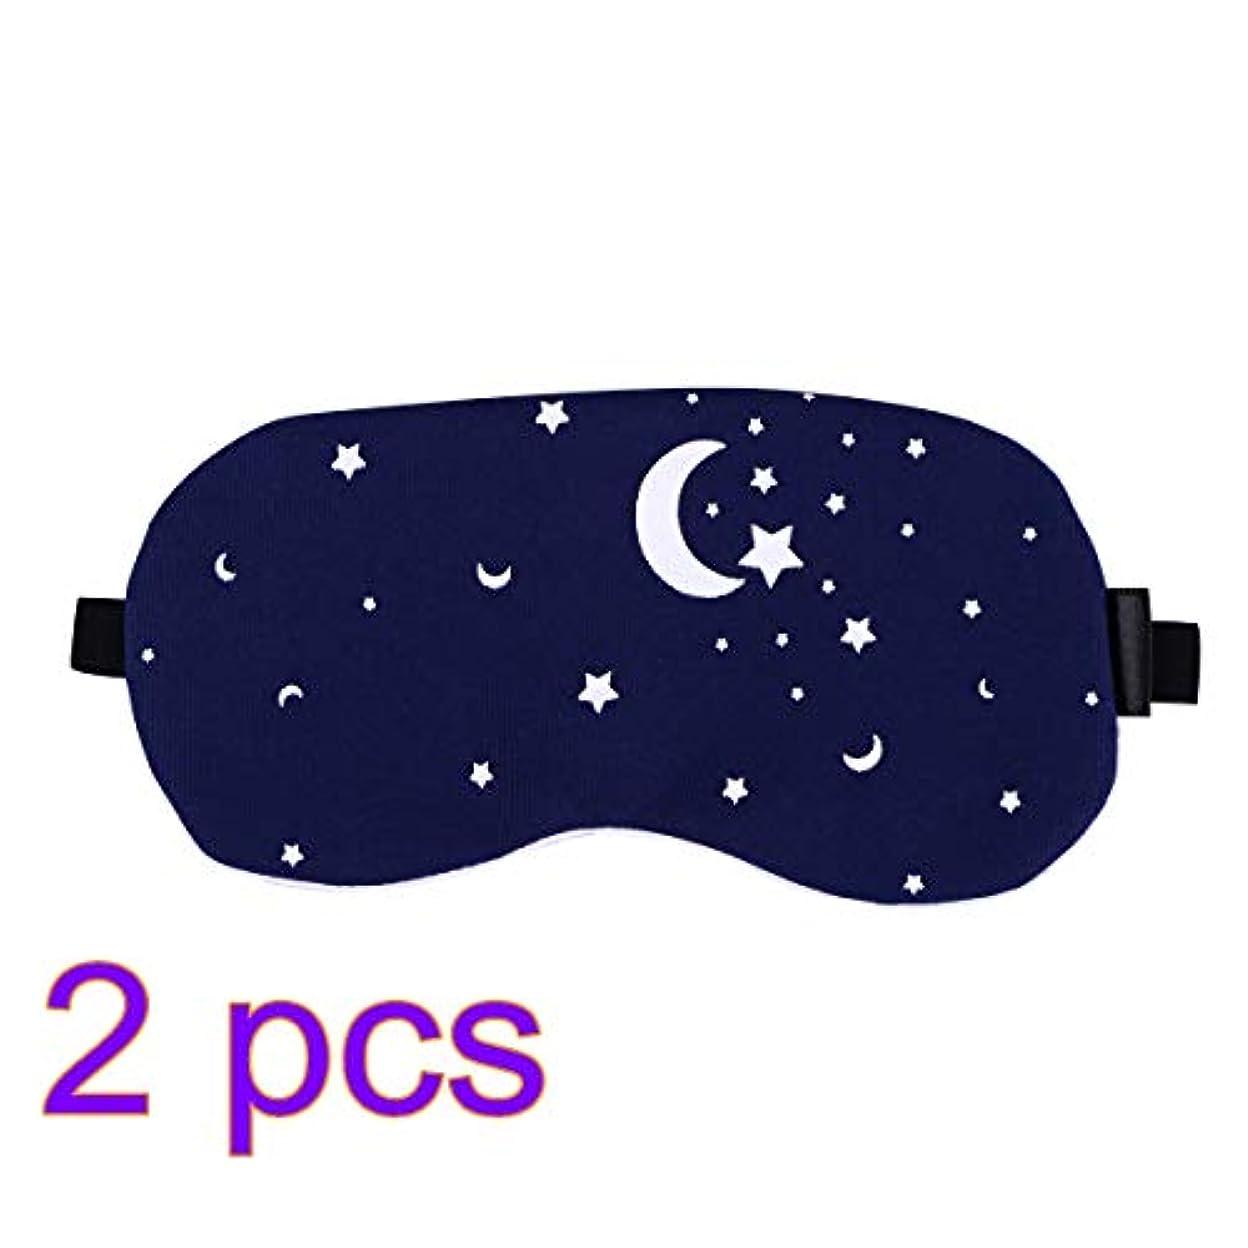 ポップボトルネック記者Healifty コットンとリネンアイスリーピングマスクブラインドパッチアジャストストラップコールド/ホットジェルストレス緩和用女性のためのふくらんでいる目の頭痛を解消2pcs(Starry Sky)